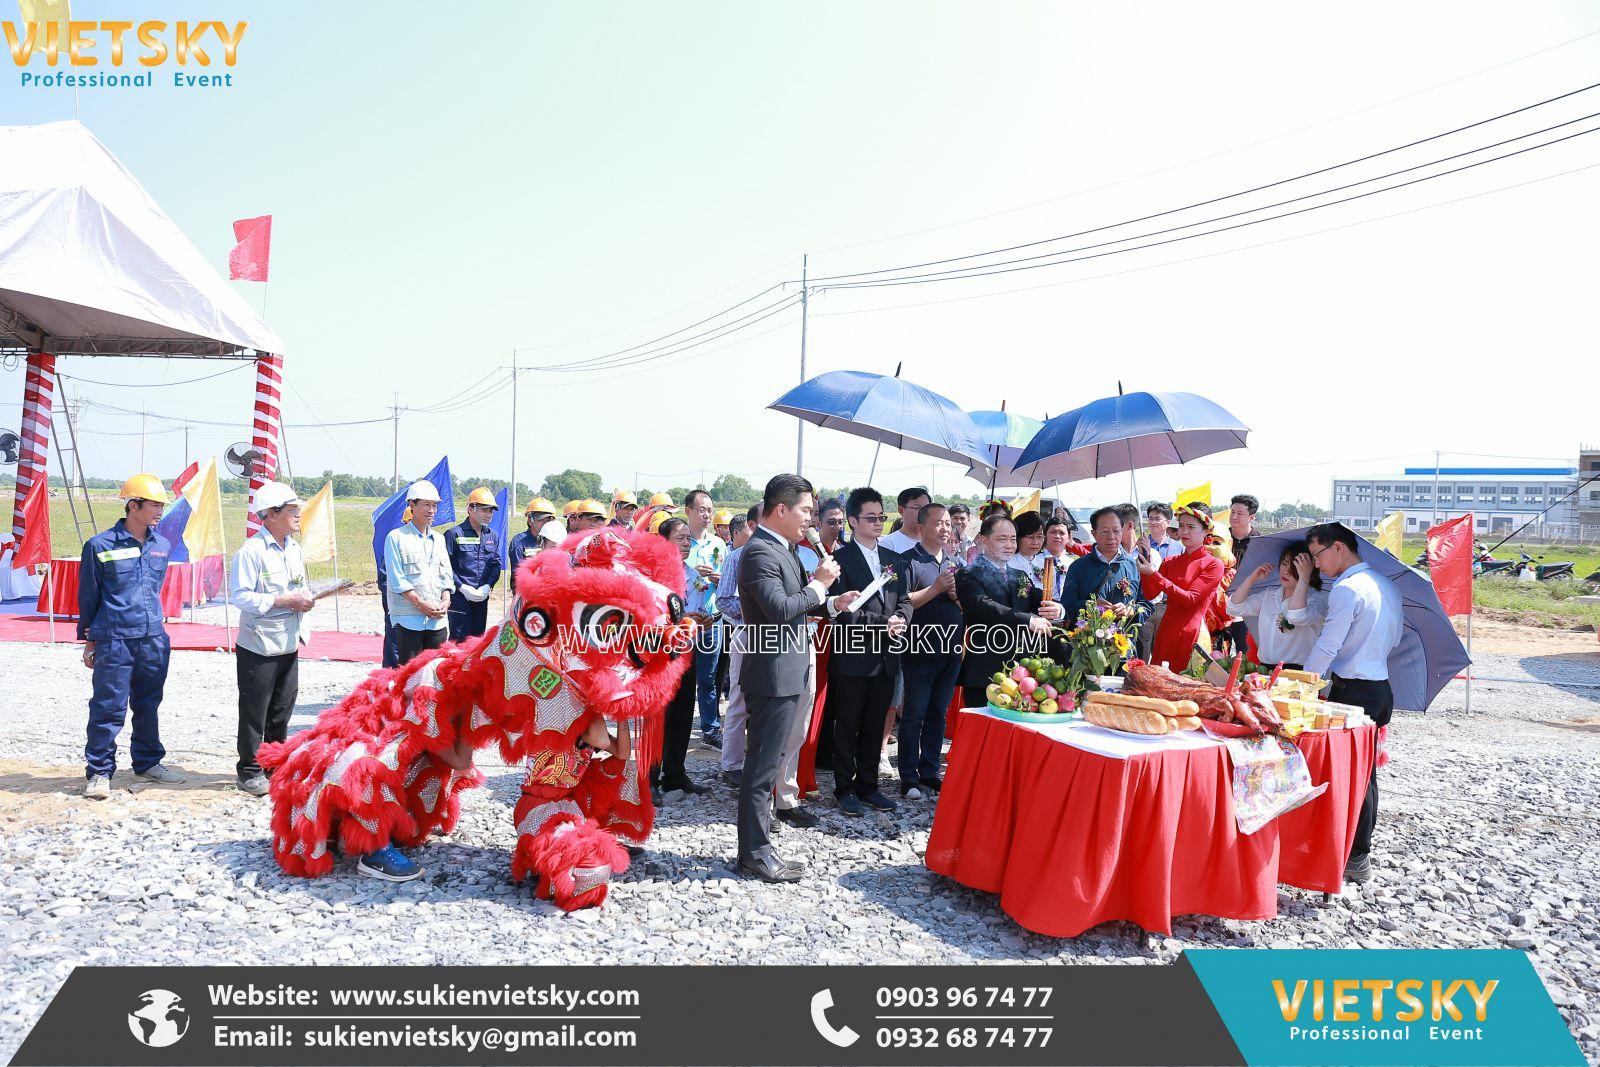 dịch vụ tổ chức lễ khởi công giá rẻ tại vũng tàu